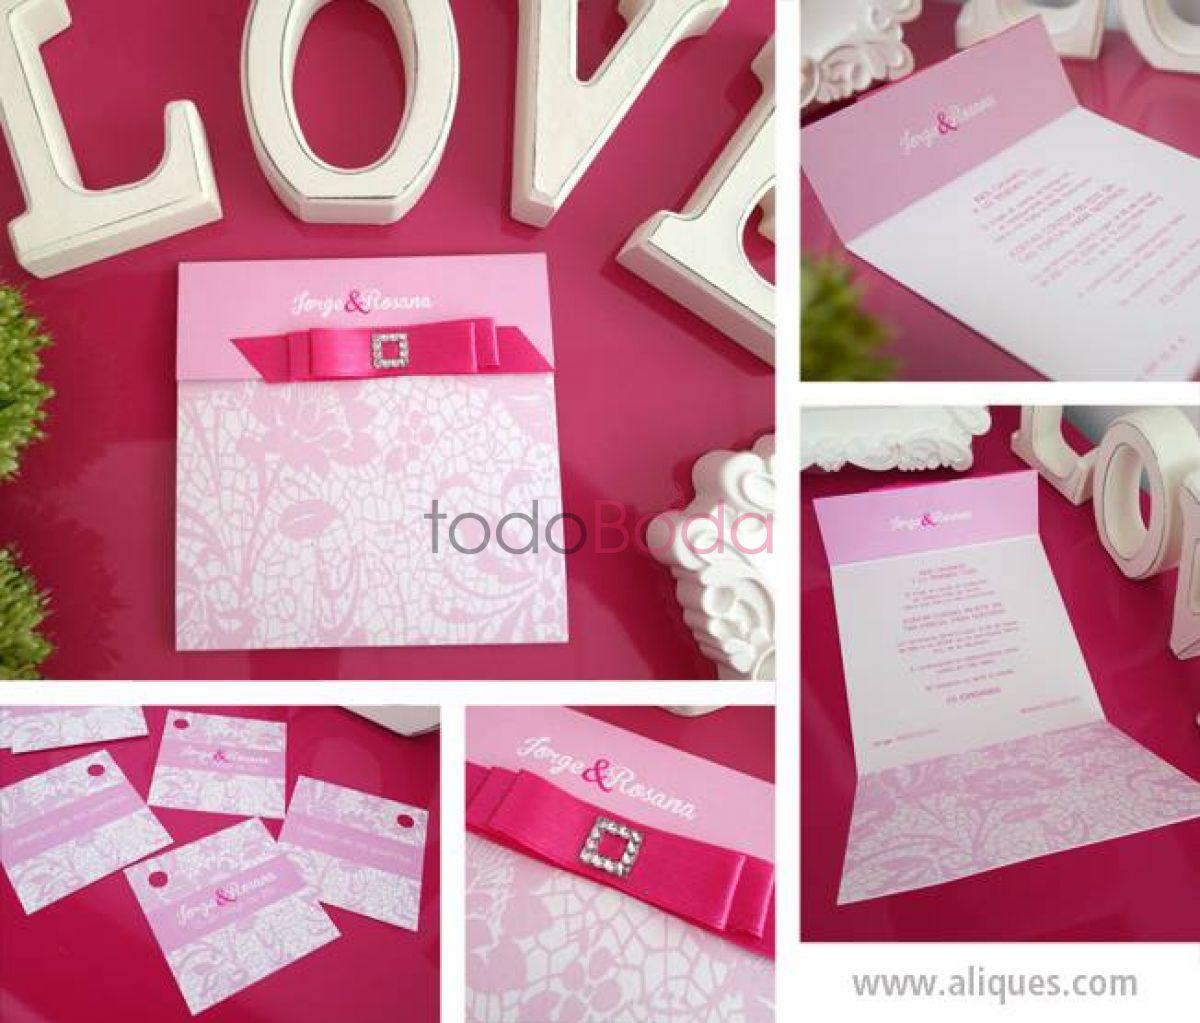 Invitaciones de boda para bodas en Valencia - TodoBoda.com